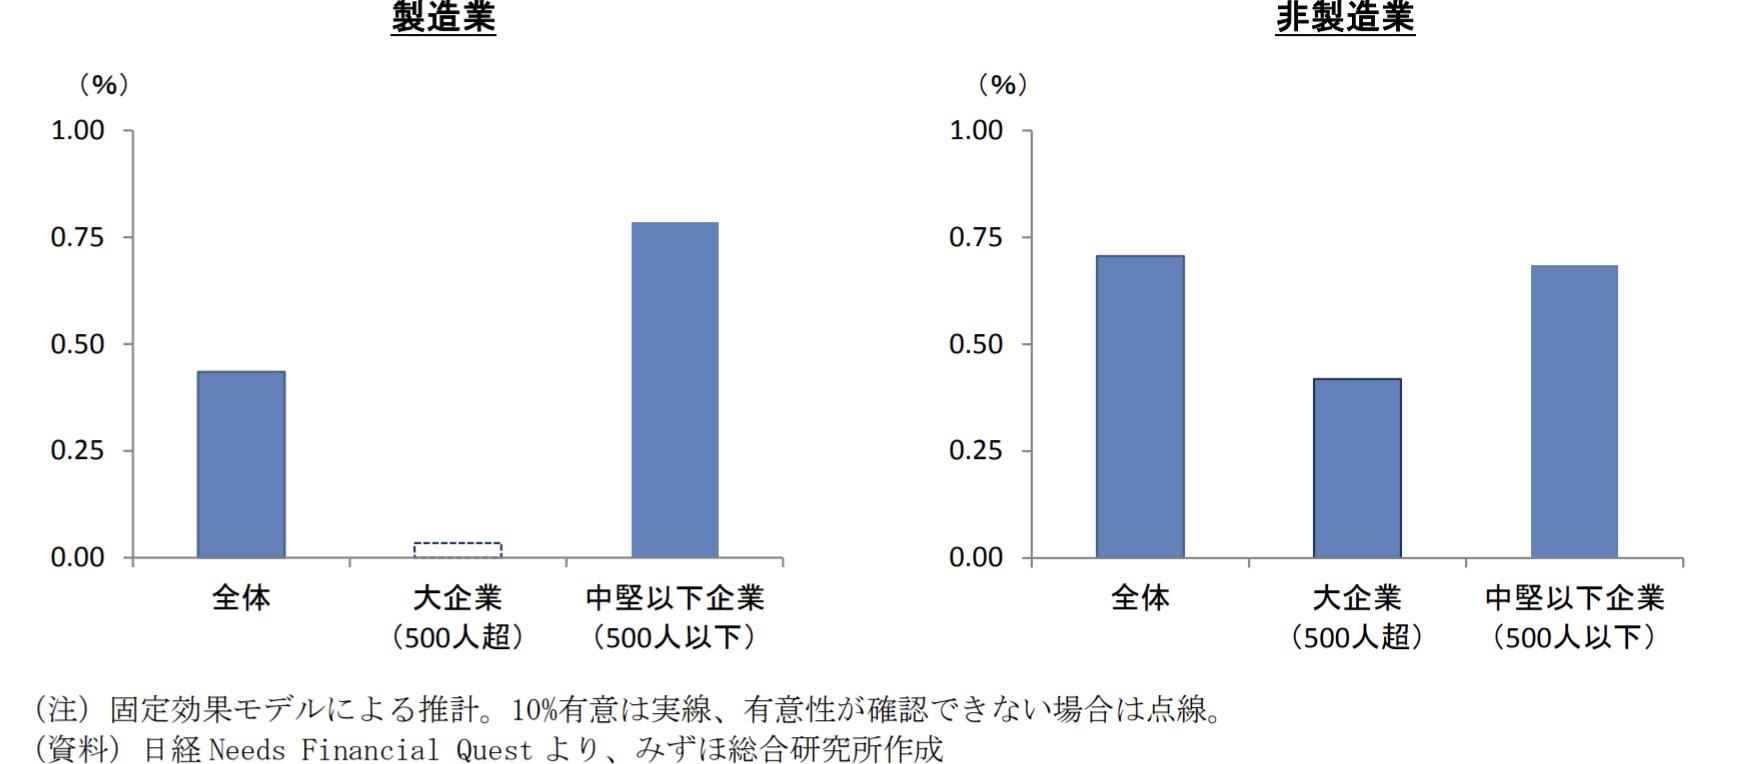 一人当たりソフトウェア資産額 10%増が労働生産性に与える影響(対象年度全体)